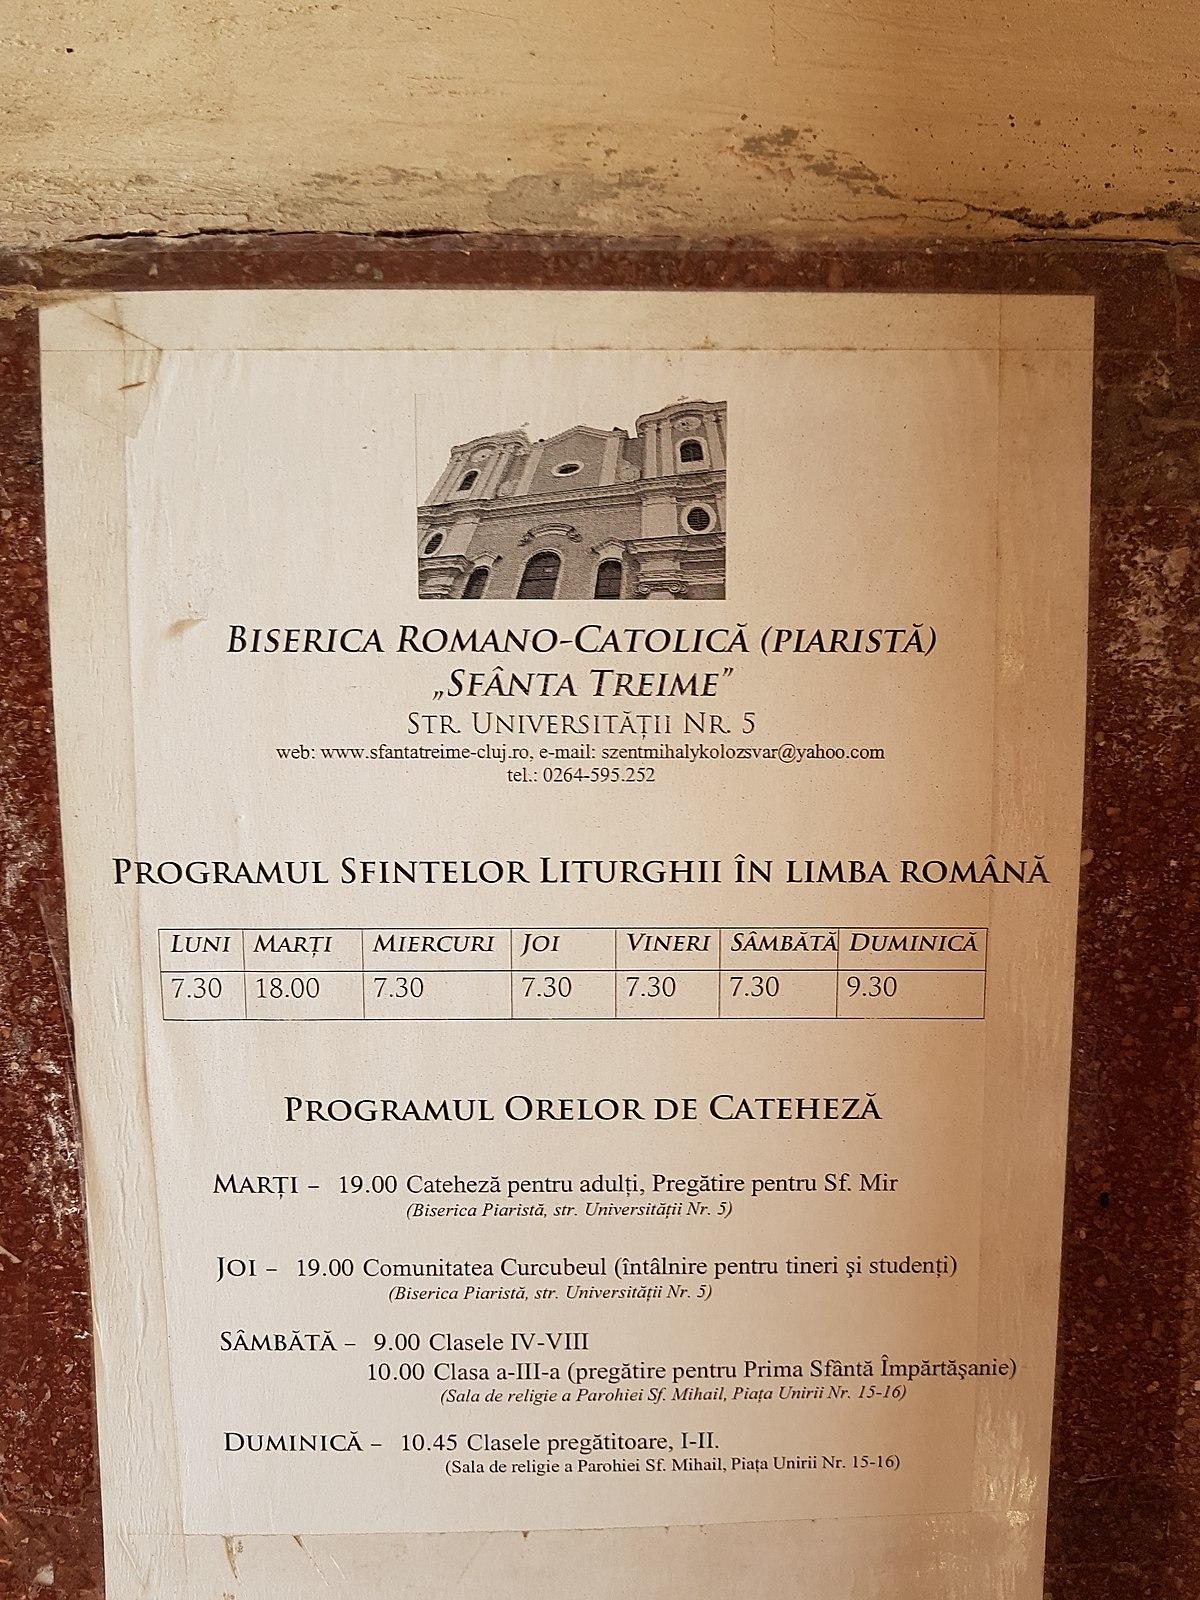 Protecția minorilor în Biserică: programul reuniunii ( februarie ) - Vatican News